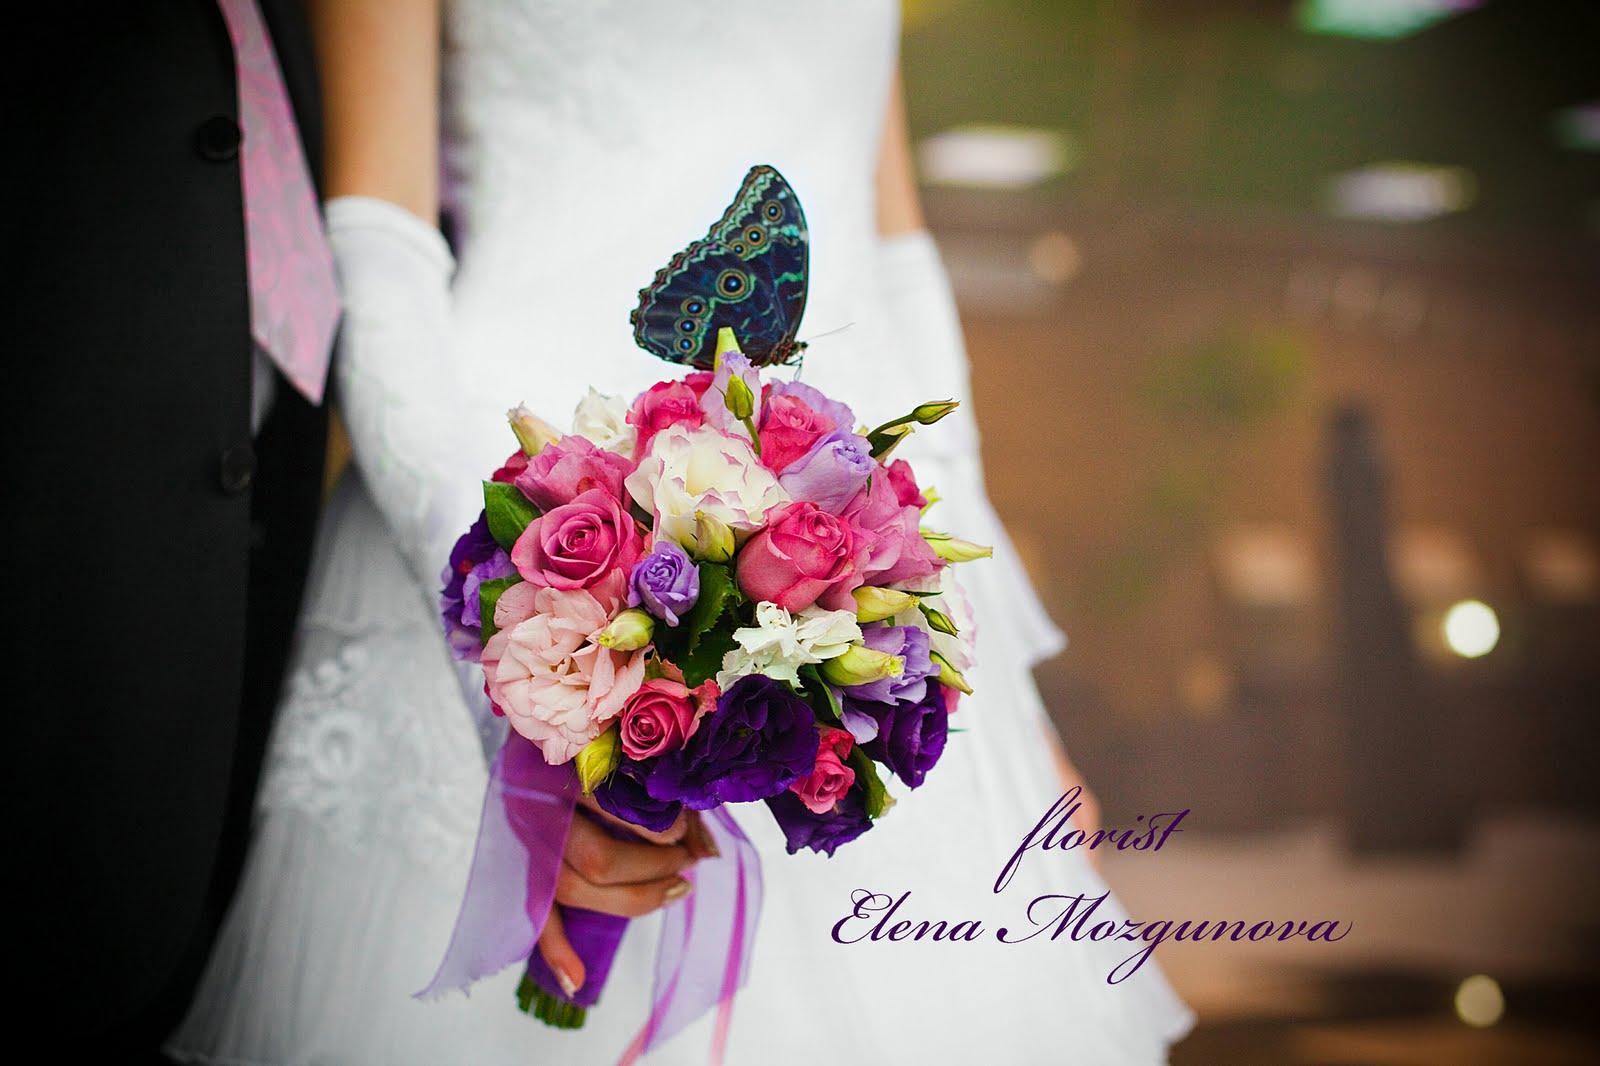 Кто покупает цветы на свадьбу